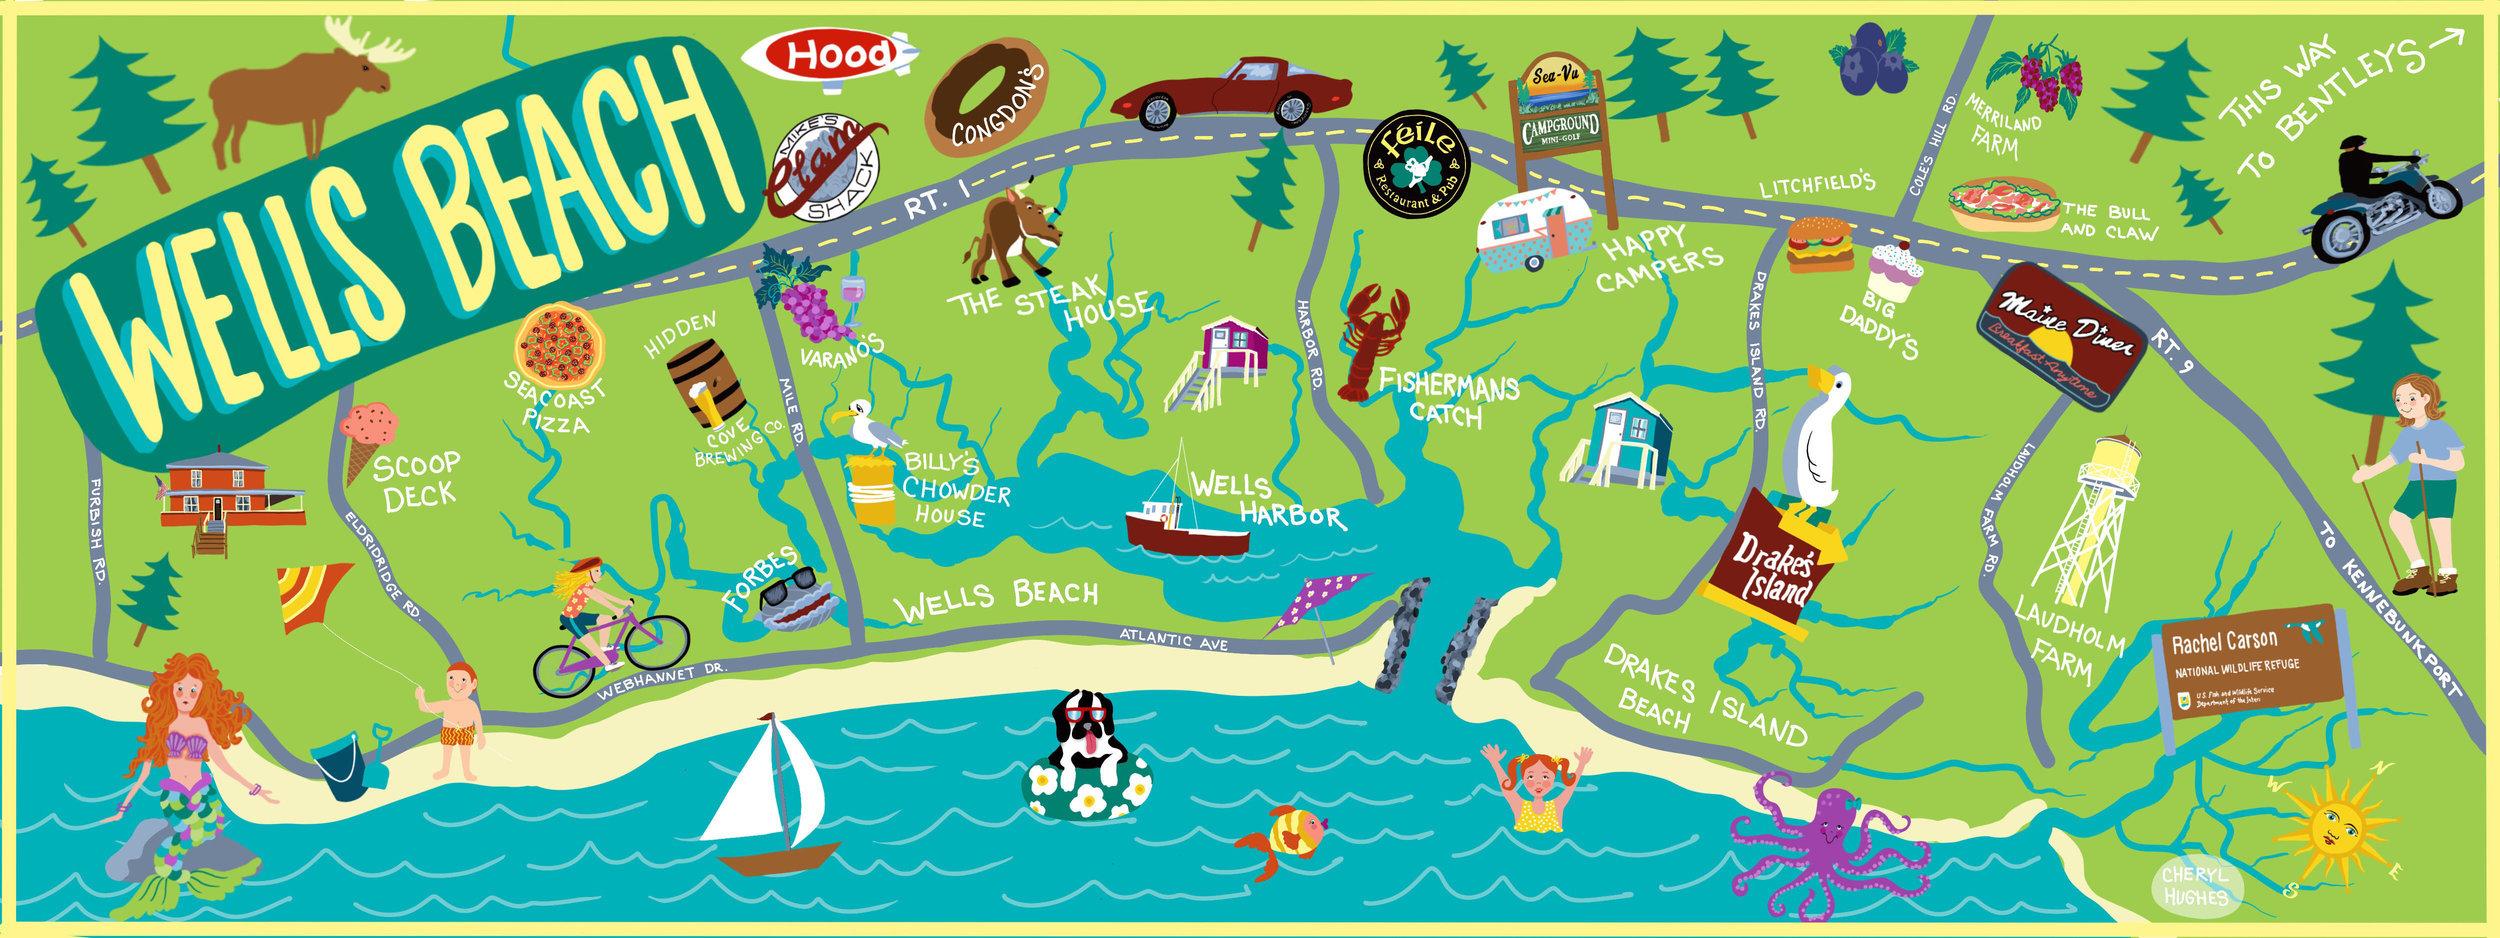 Wells Beach Map